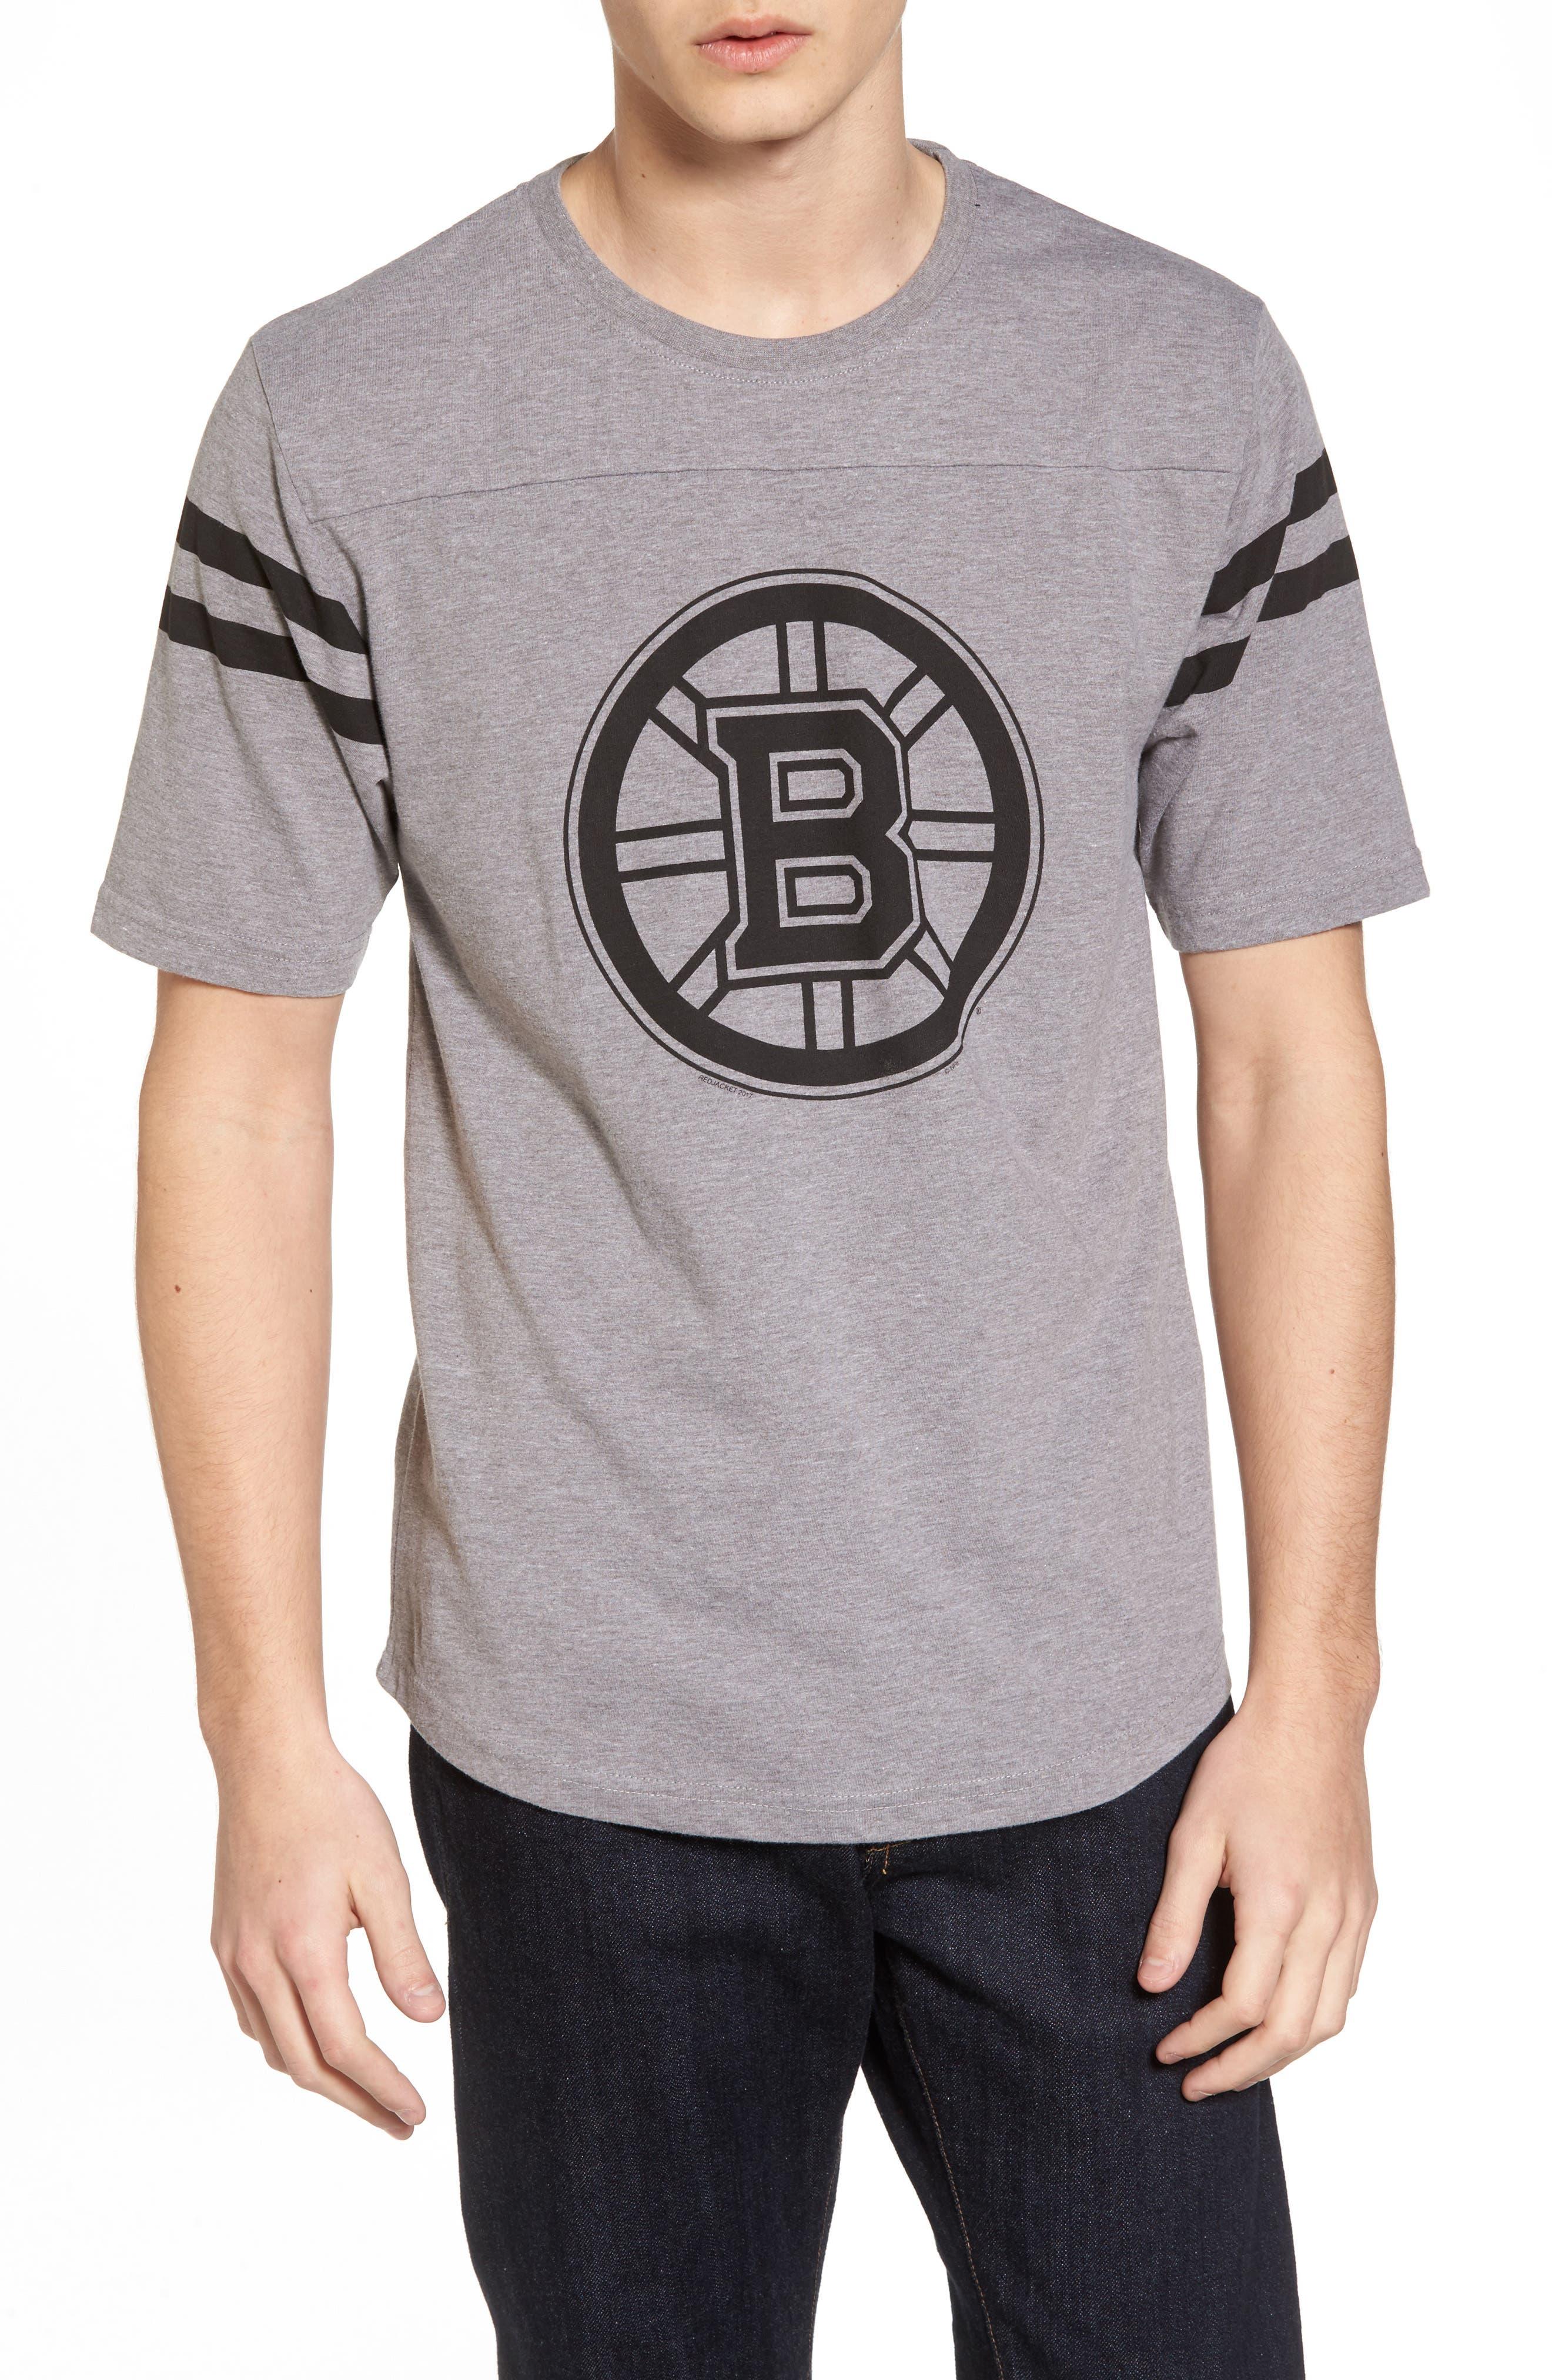 Crosby Boston Bruins T-Shirt,                             Main thumbnail 1, color,                             Heather Grey